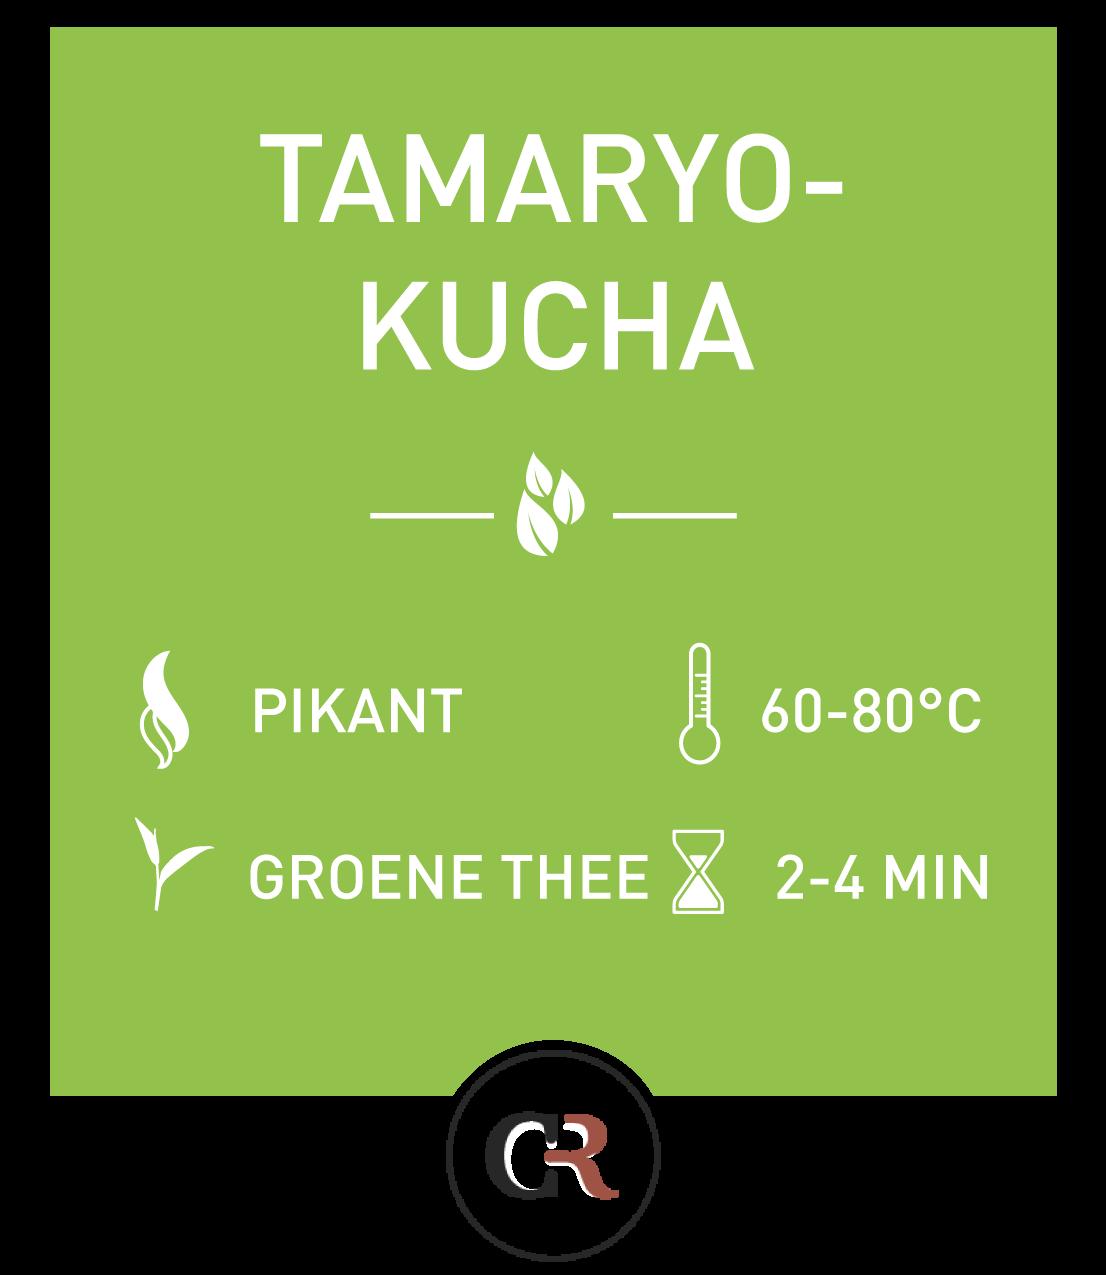 Tamaryokucha